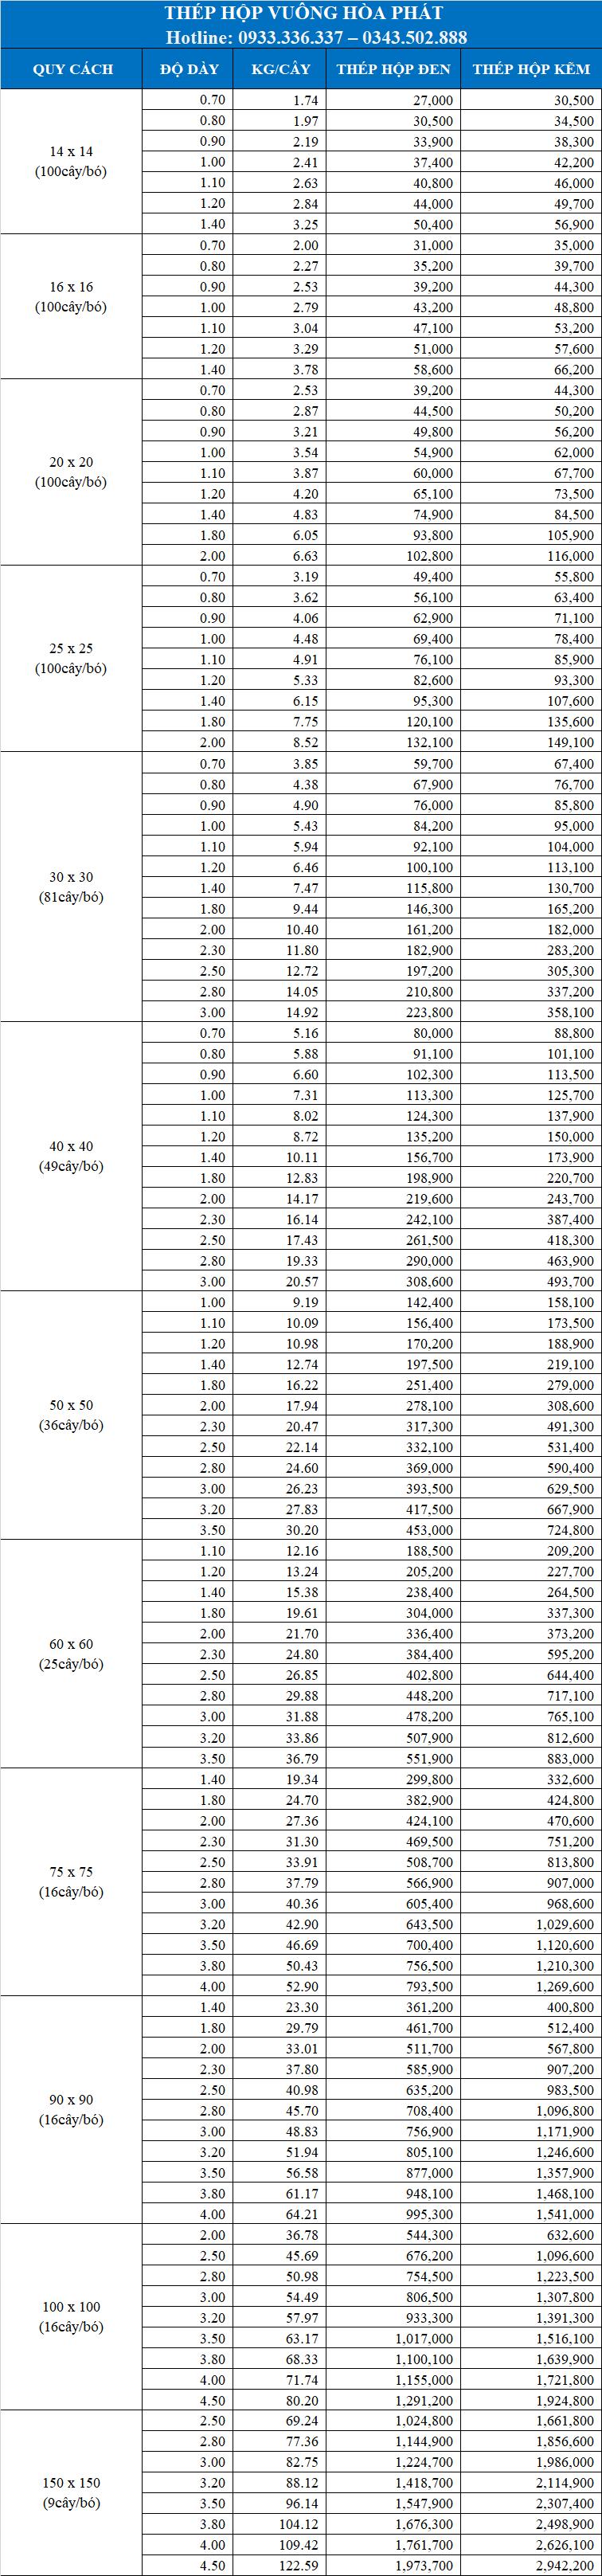 Bảng giá thép hộp vuông Hòa Phát